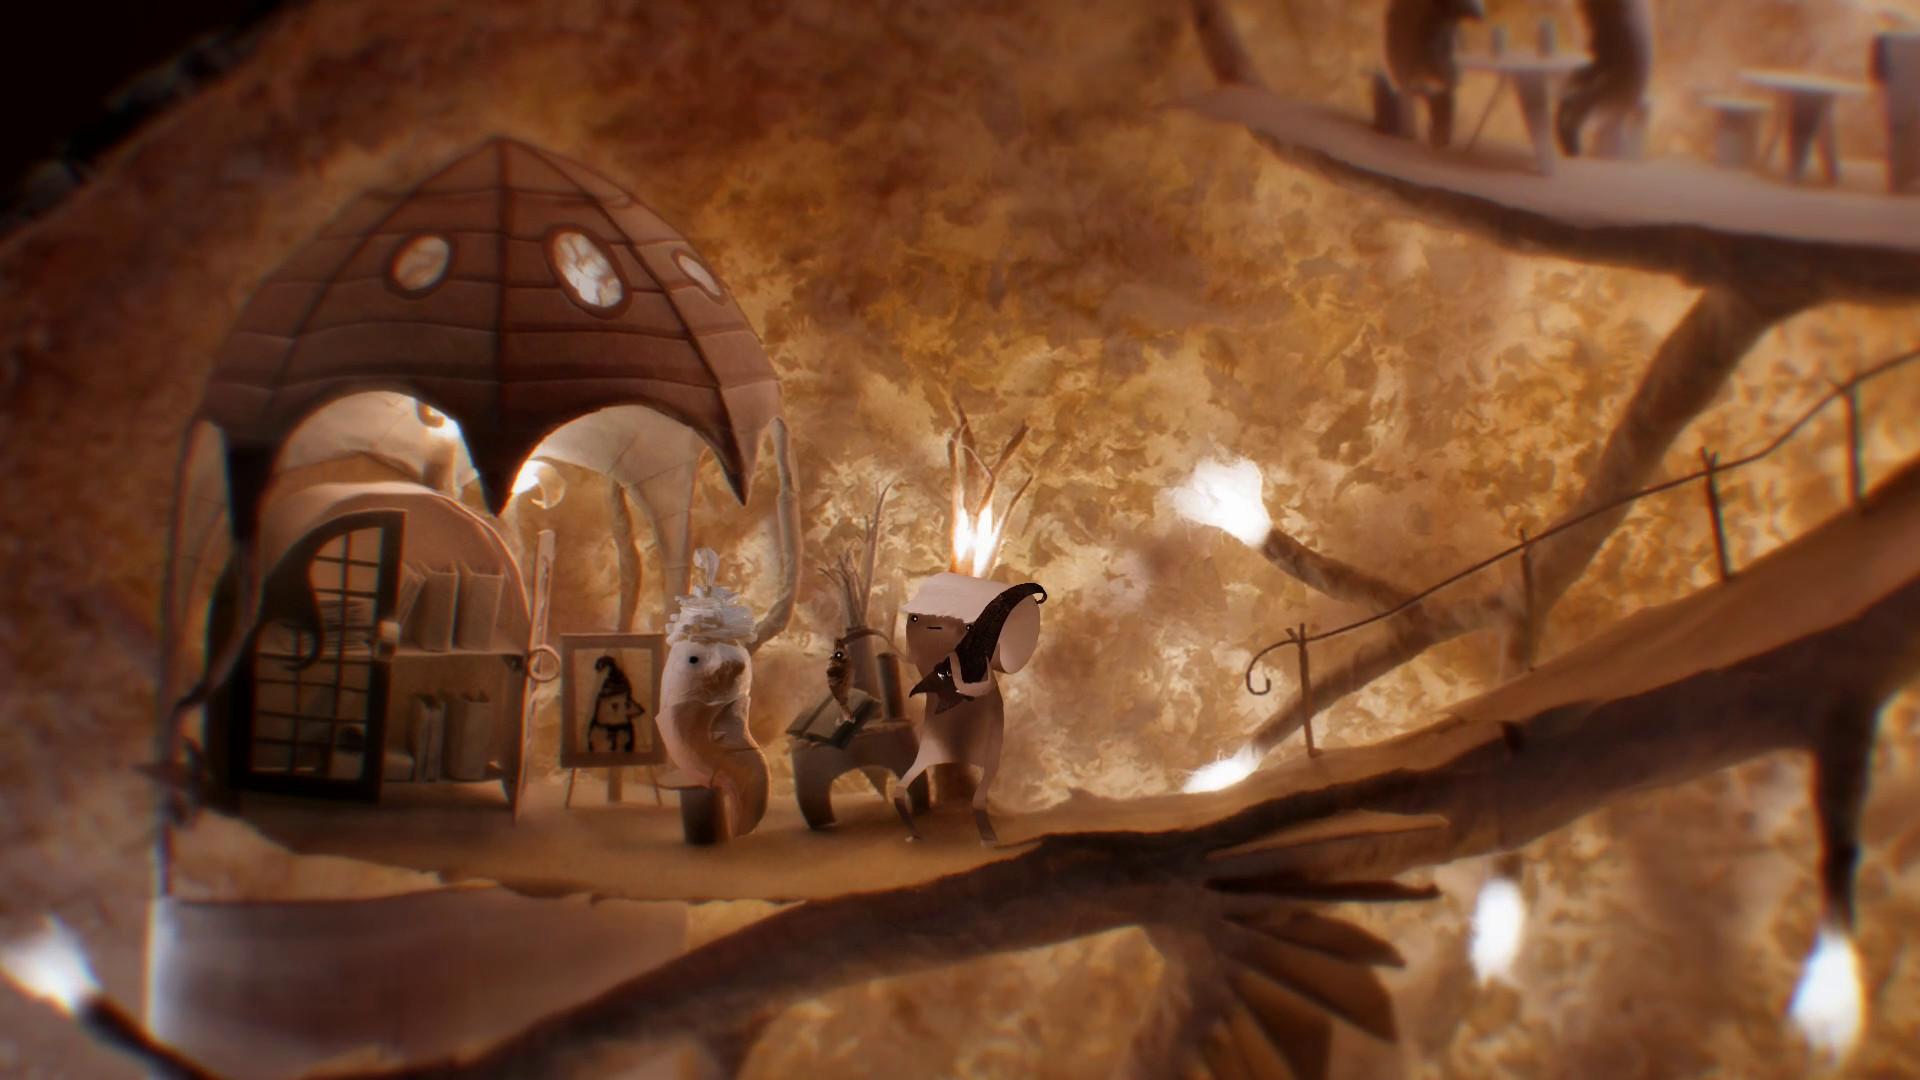 纸雕风格解谜冒险游戏 带你进入美轮美奂的纸艺世界